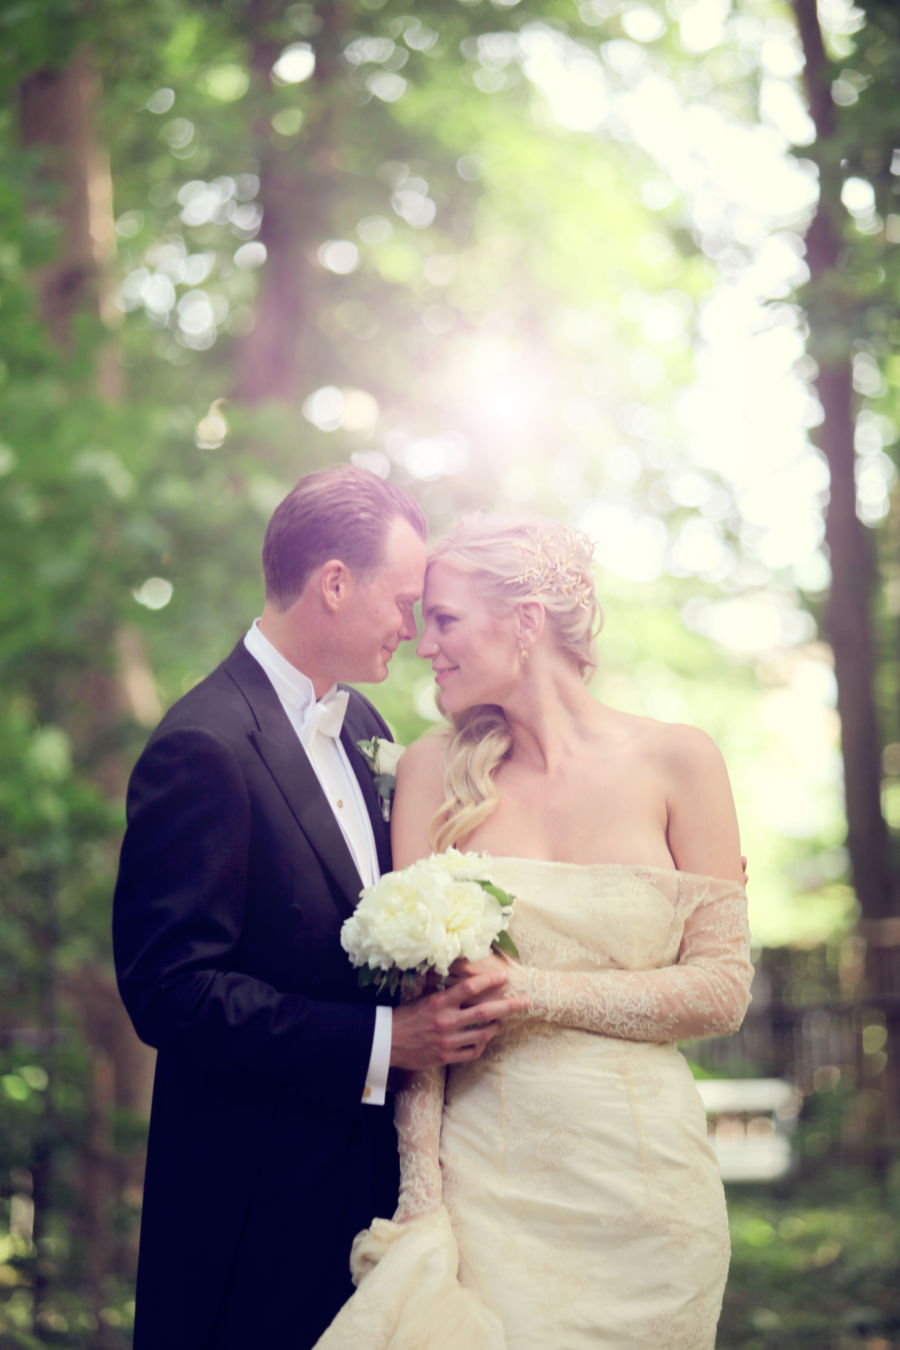 """bröllopsfotograf#bröllop#wedding#reallight""""fotografmalmoe#kärlek#fotografcarolienljaobsen#"""